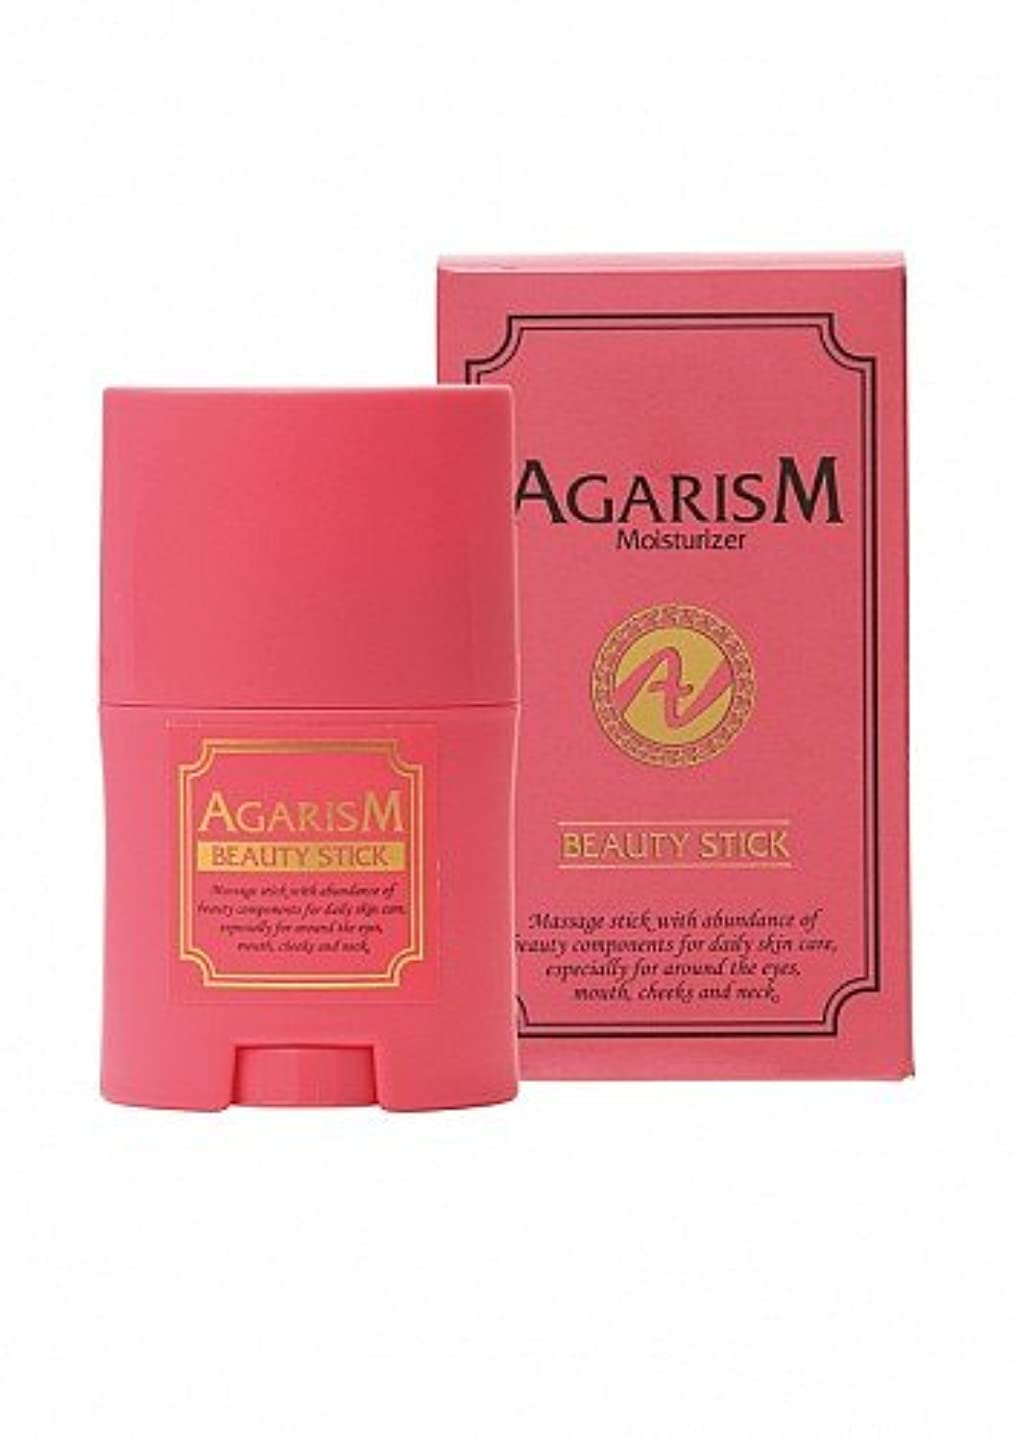 レンド等松AGARISM モイスチャライザー アガリズム 小顔ローラー 美容クリーム むくみ防止 保湿 引き締め成分 天然オイル配合